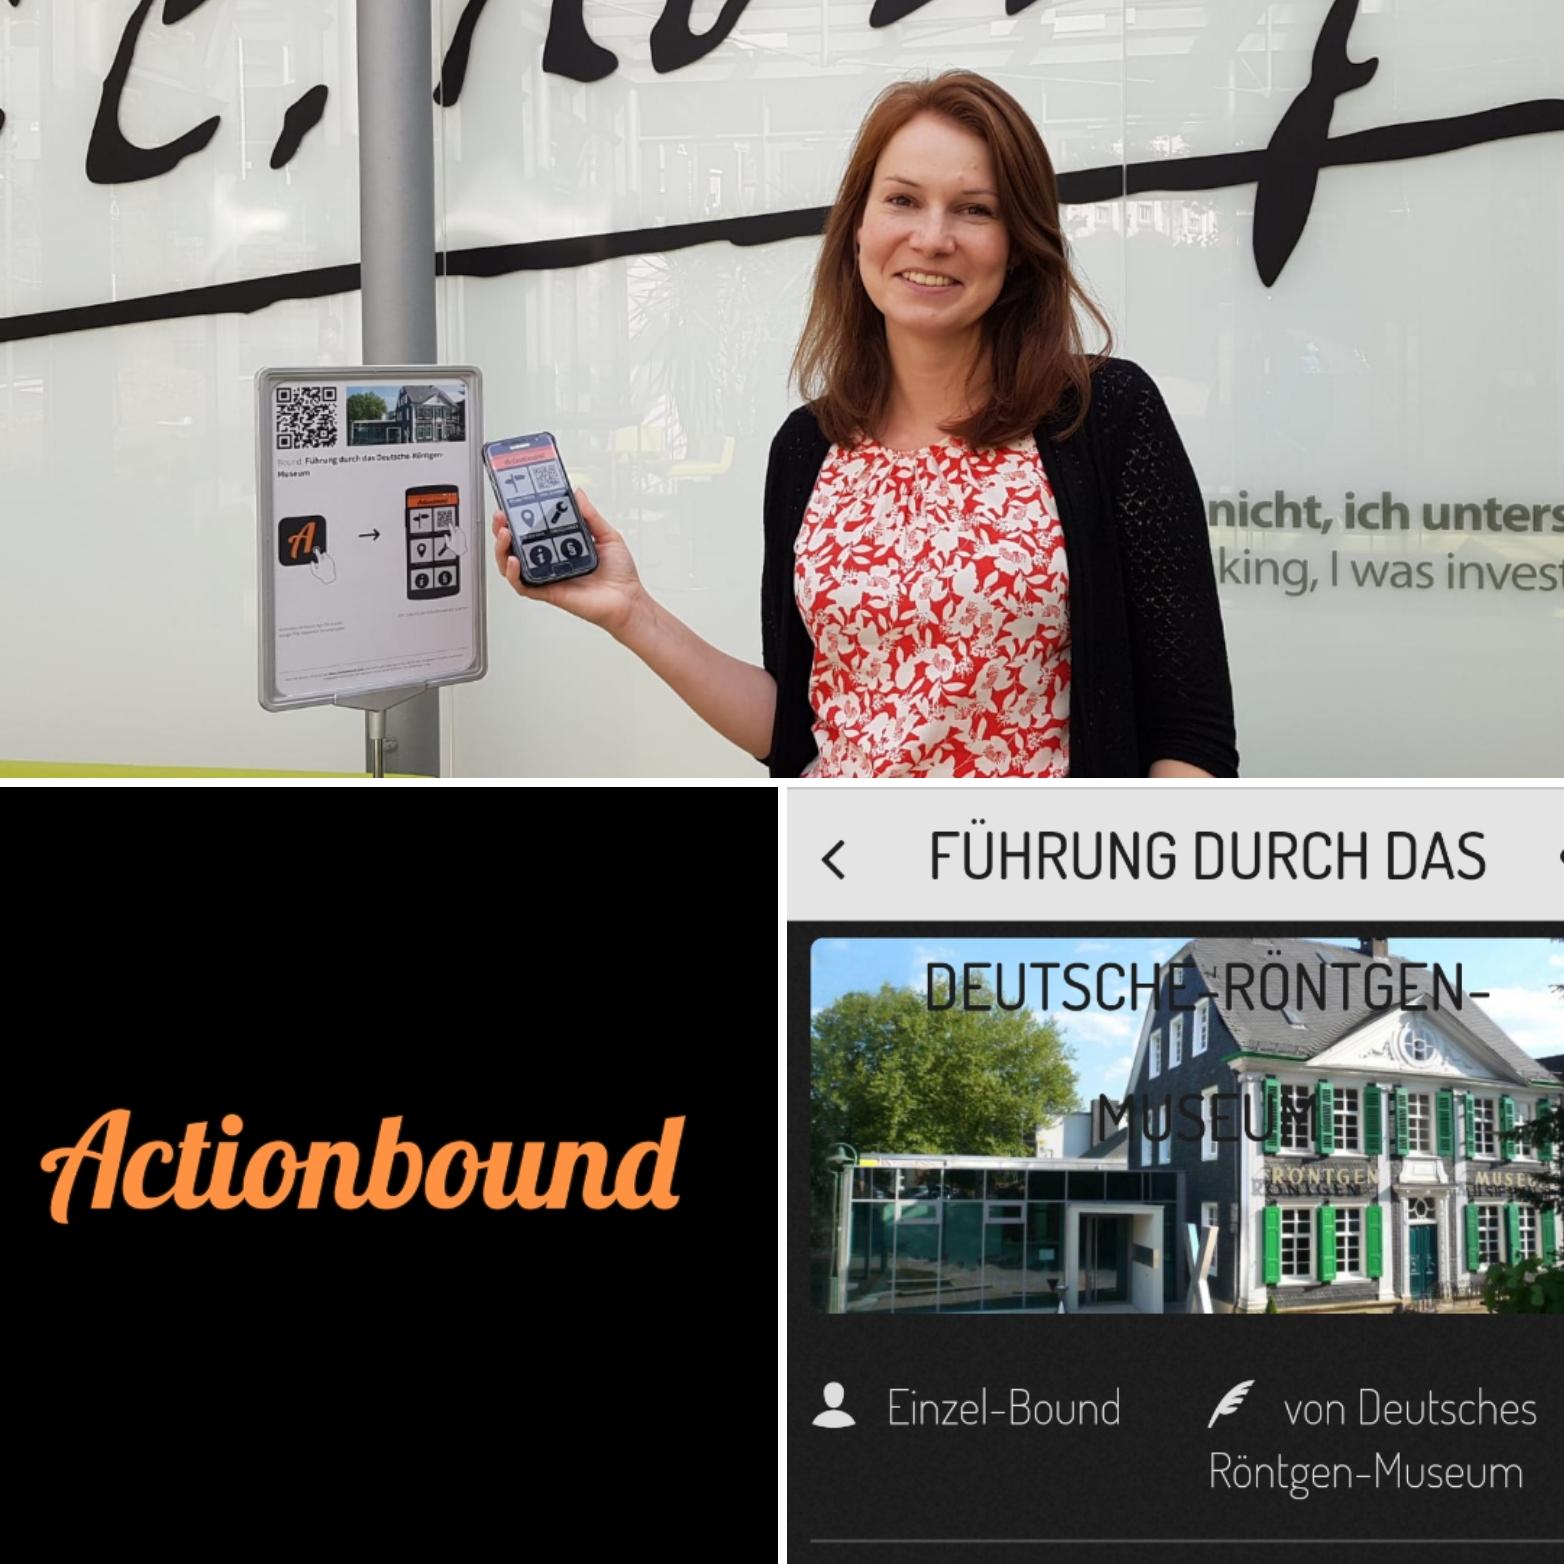 Collage mit einem Bild des Röntgenmuseums, einer Frau mit einem Handy und dem Schriftzug Actionbound.